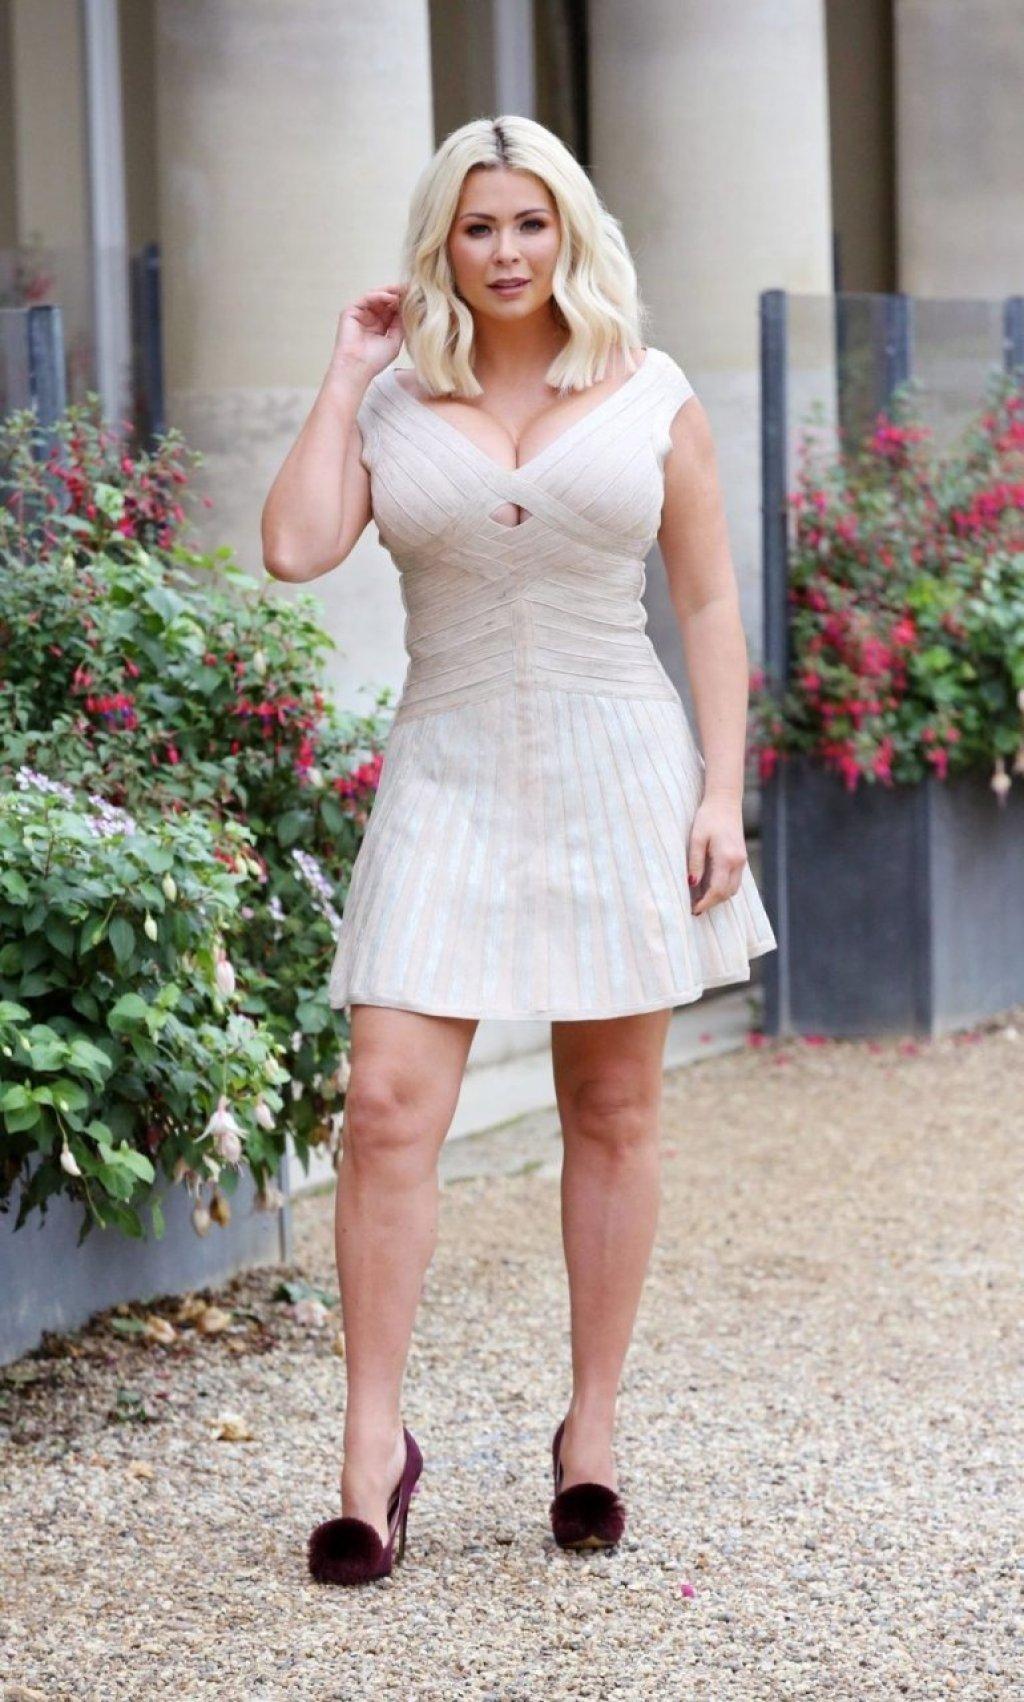 Nicola McLean Sexy (16 Photos)